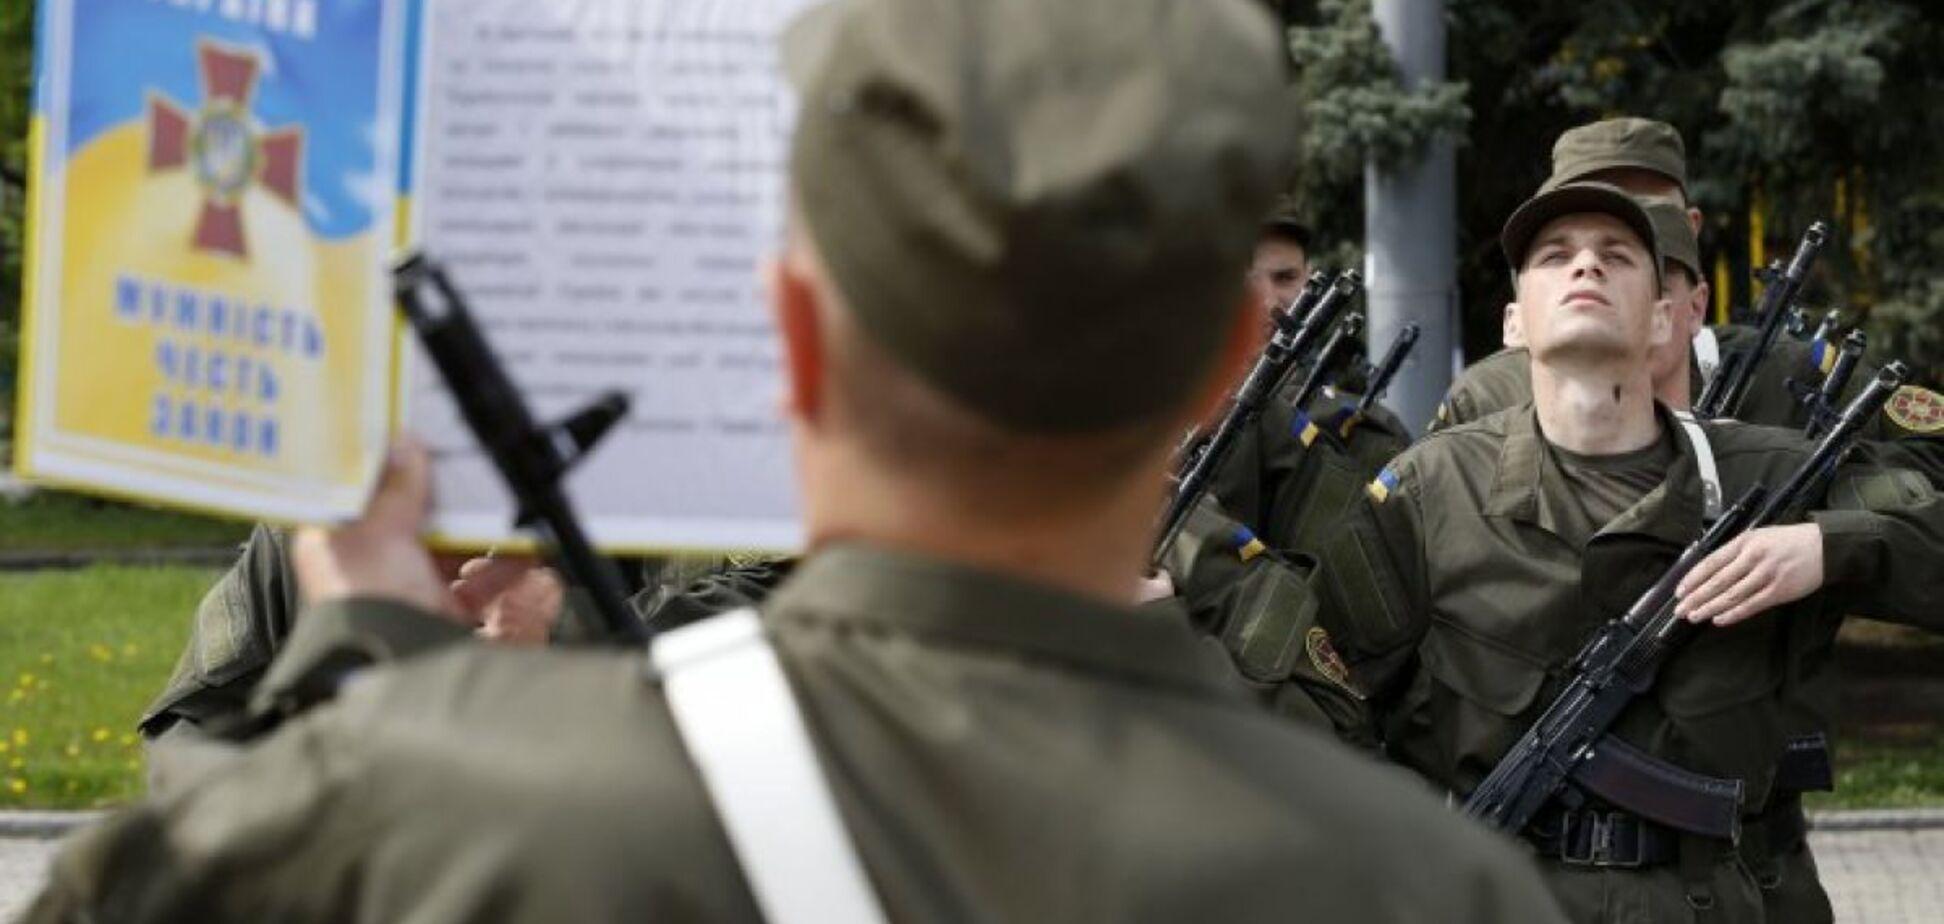 Доведення до самогубства? У Тернополі призовник випав з 5 поверху військкомату